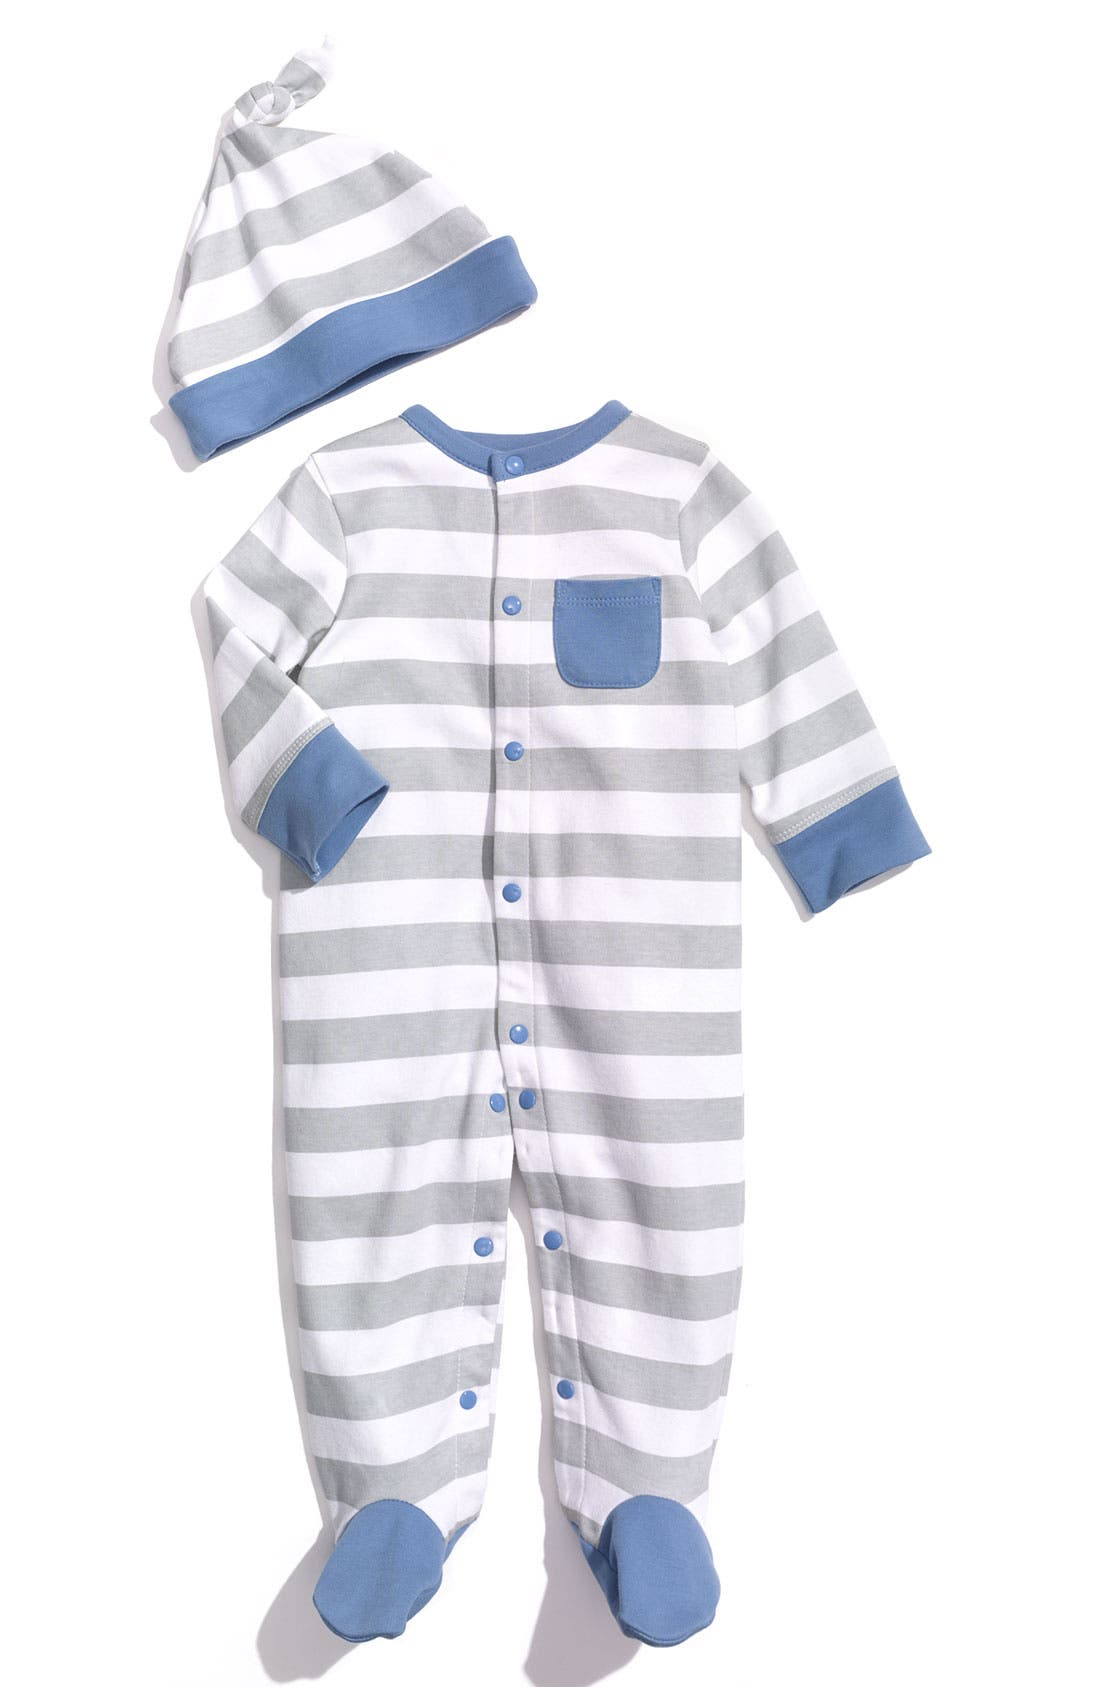 Alternate Image 1 Selected - Offspring Stripe Footie & Hat Set (Infant)